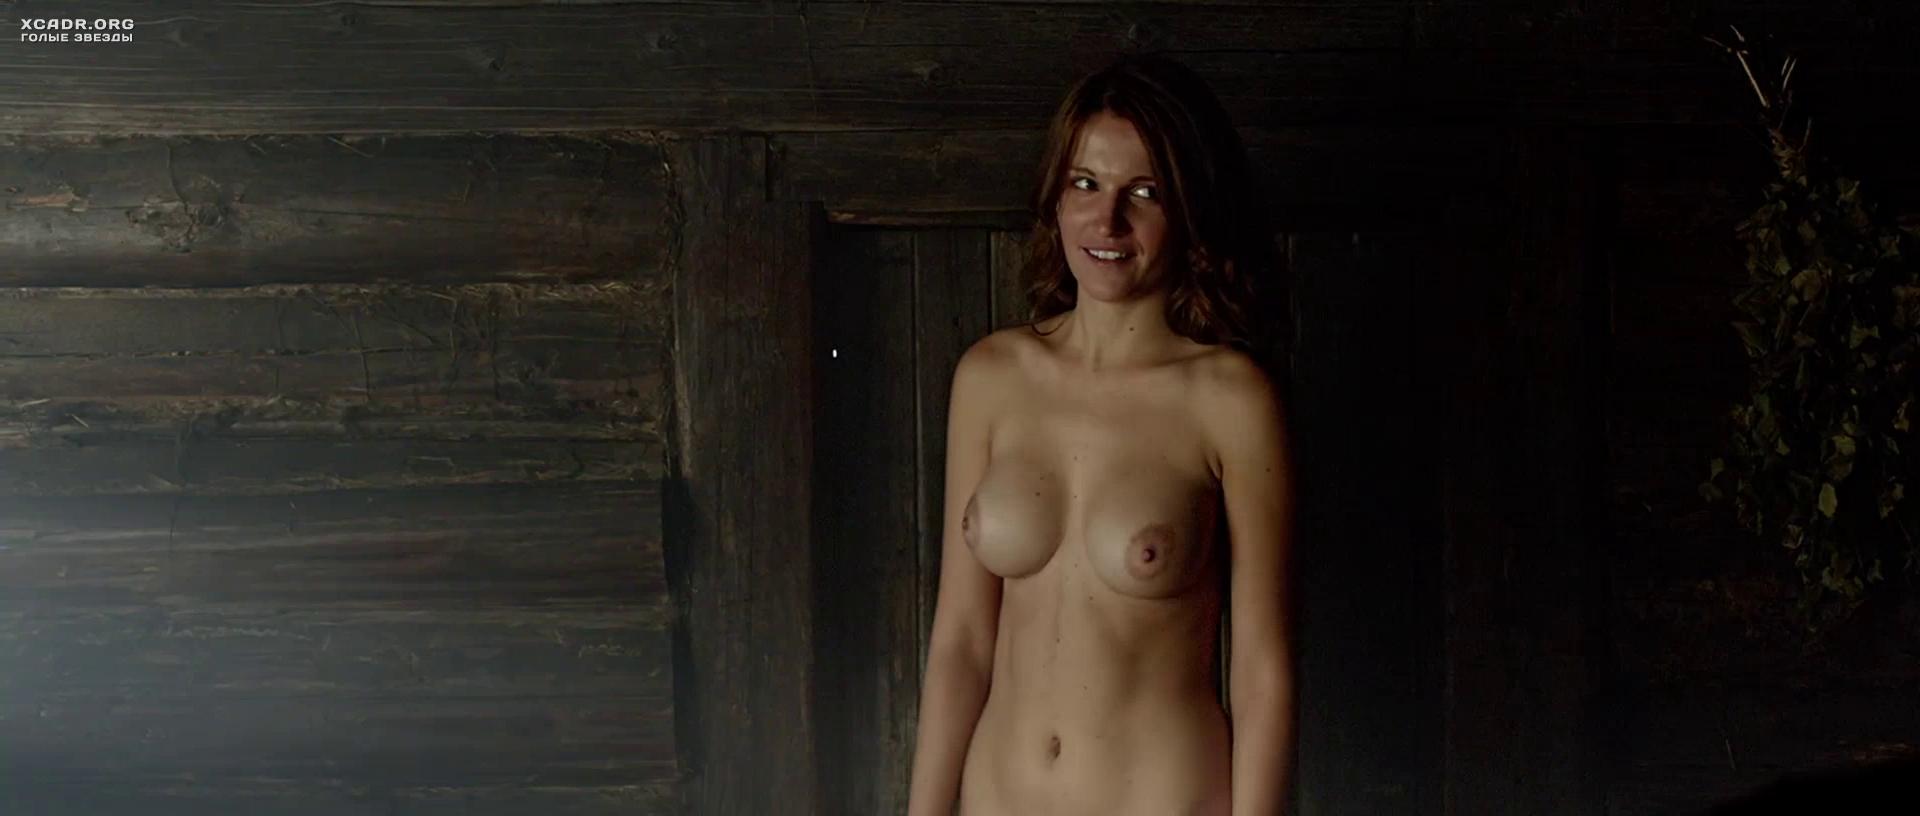 Список самых красивых порно актрис лучшие порноактисы